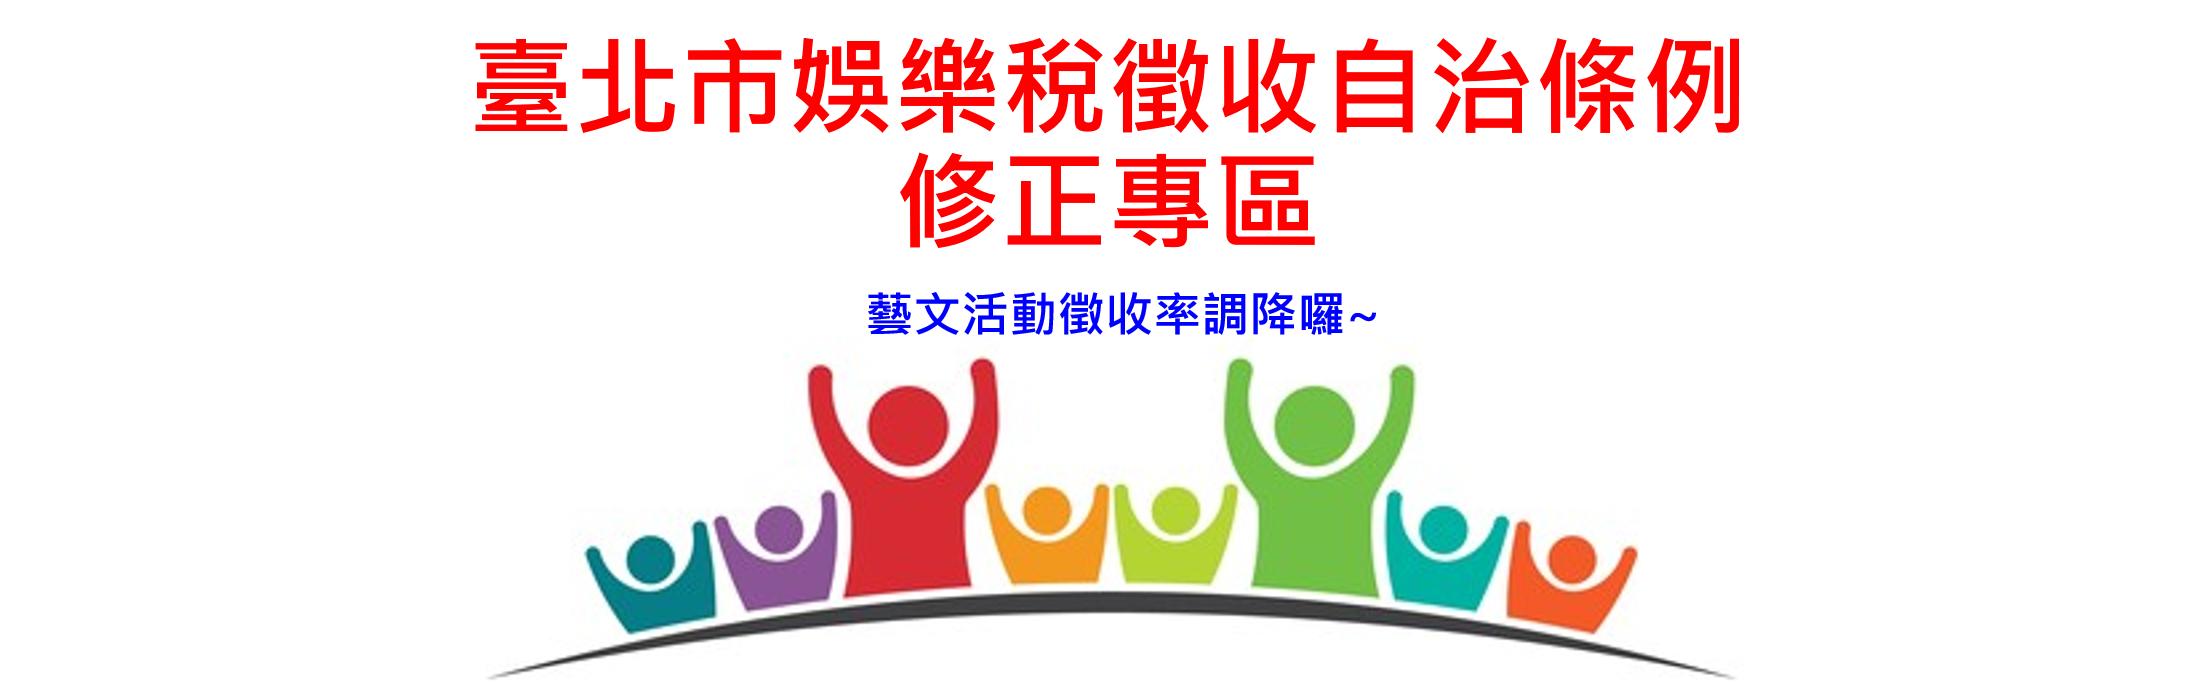 臺北市娛樂稅徵收自治條例修正專區